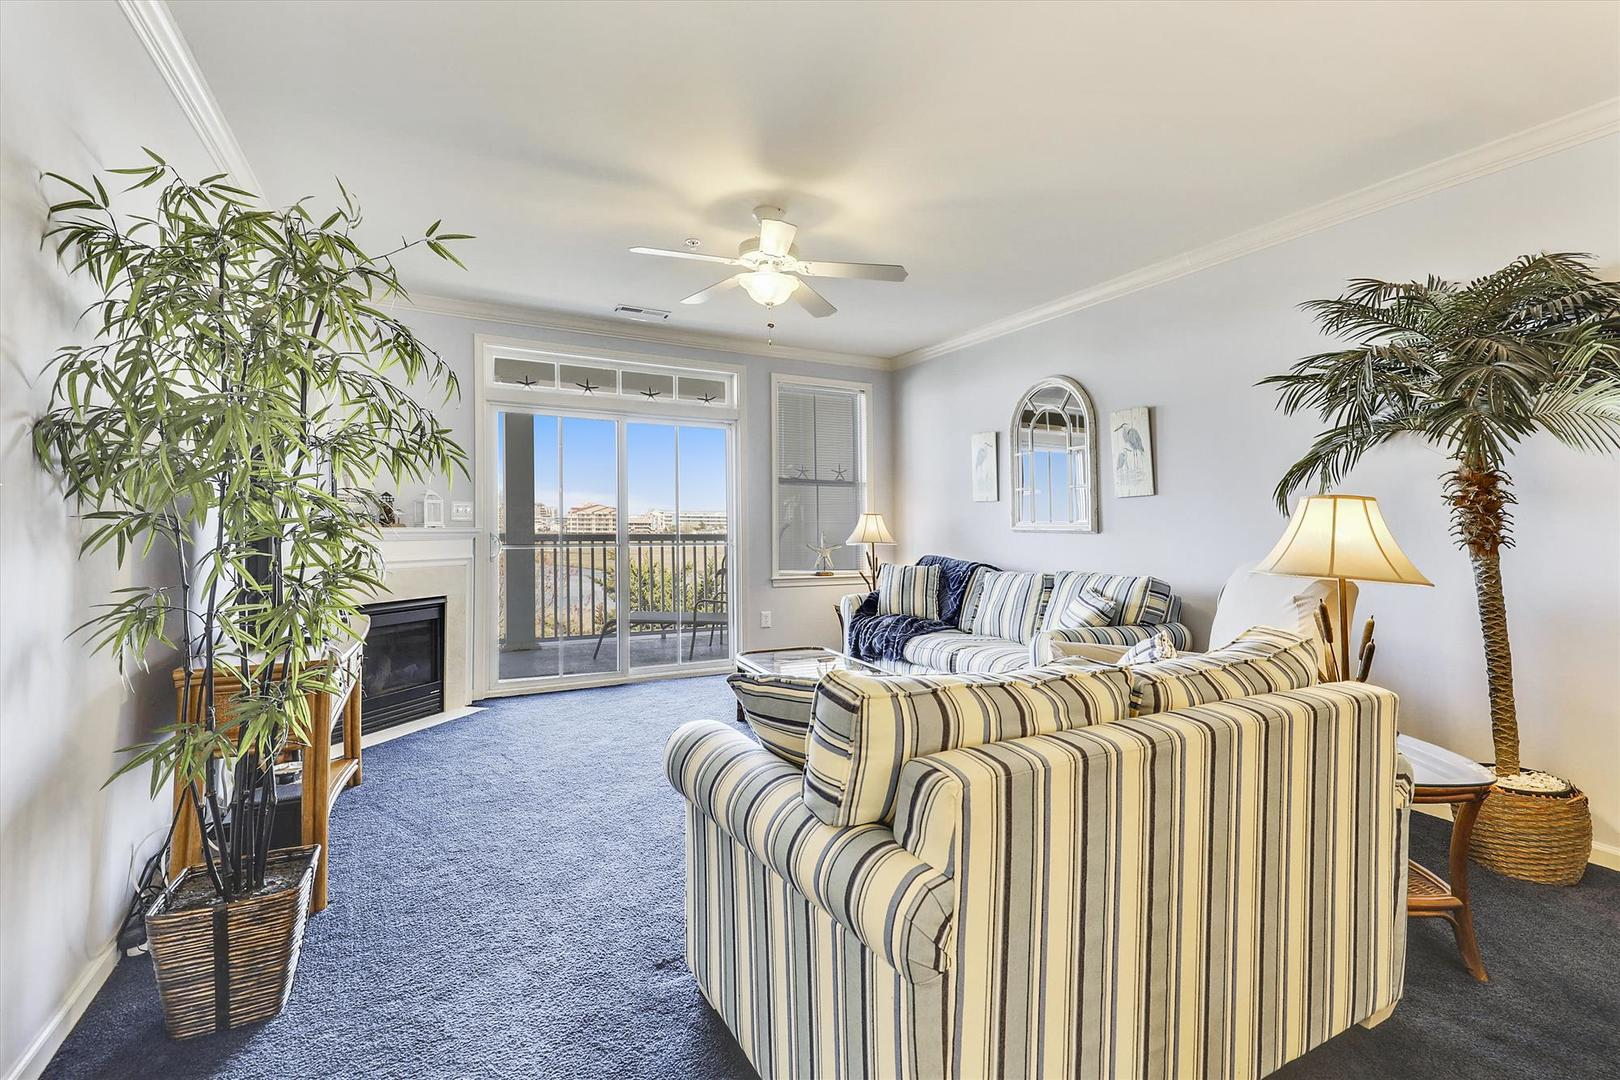 Sunset Island - 6 Hidden Cove Way, 3D - Living Room